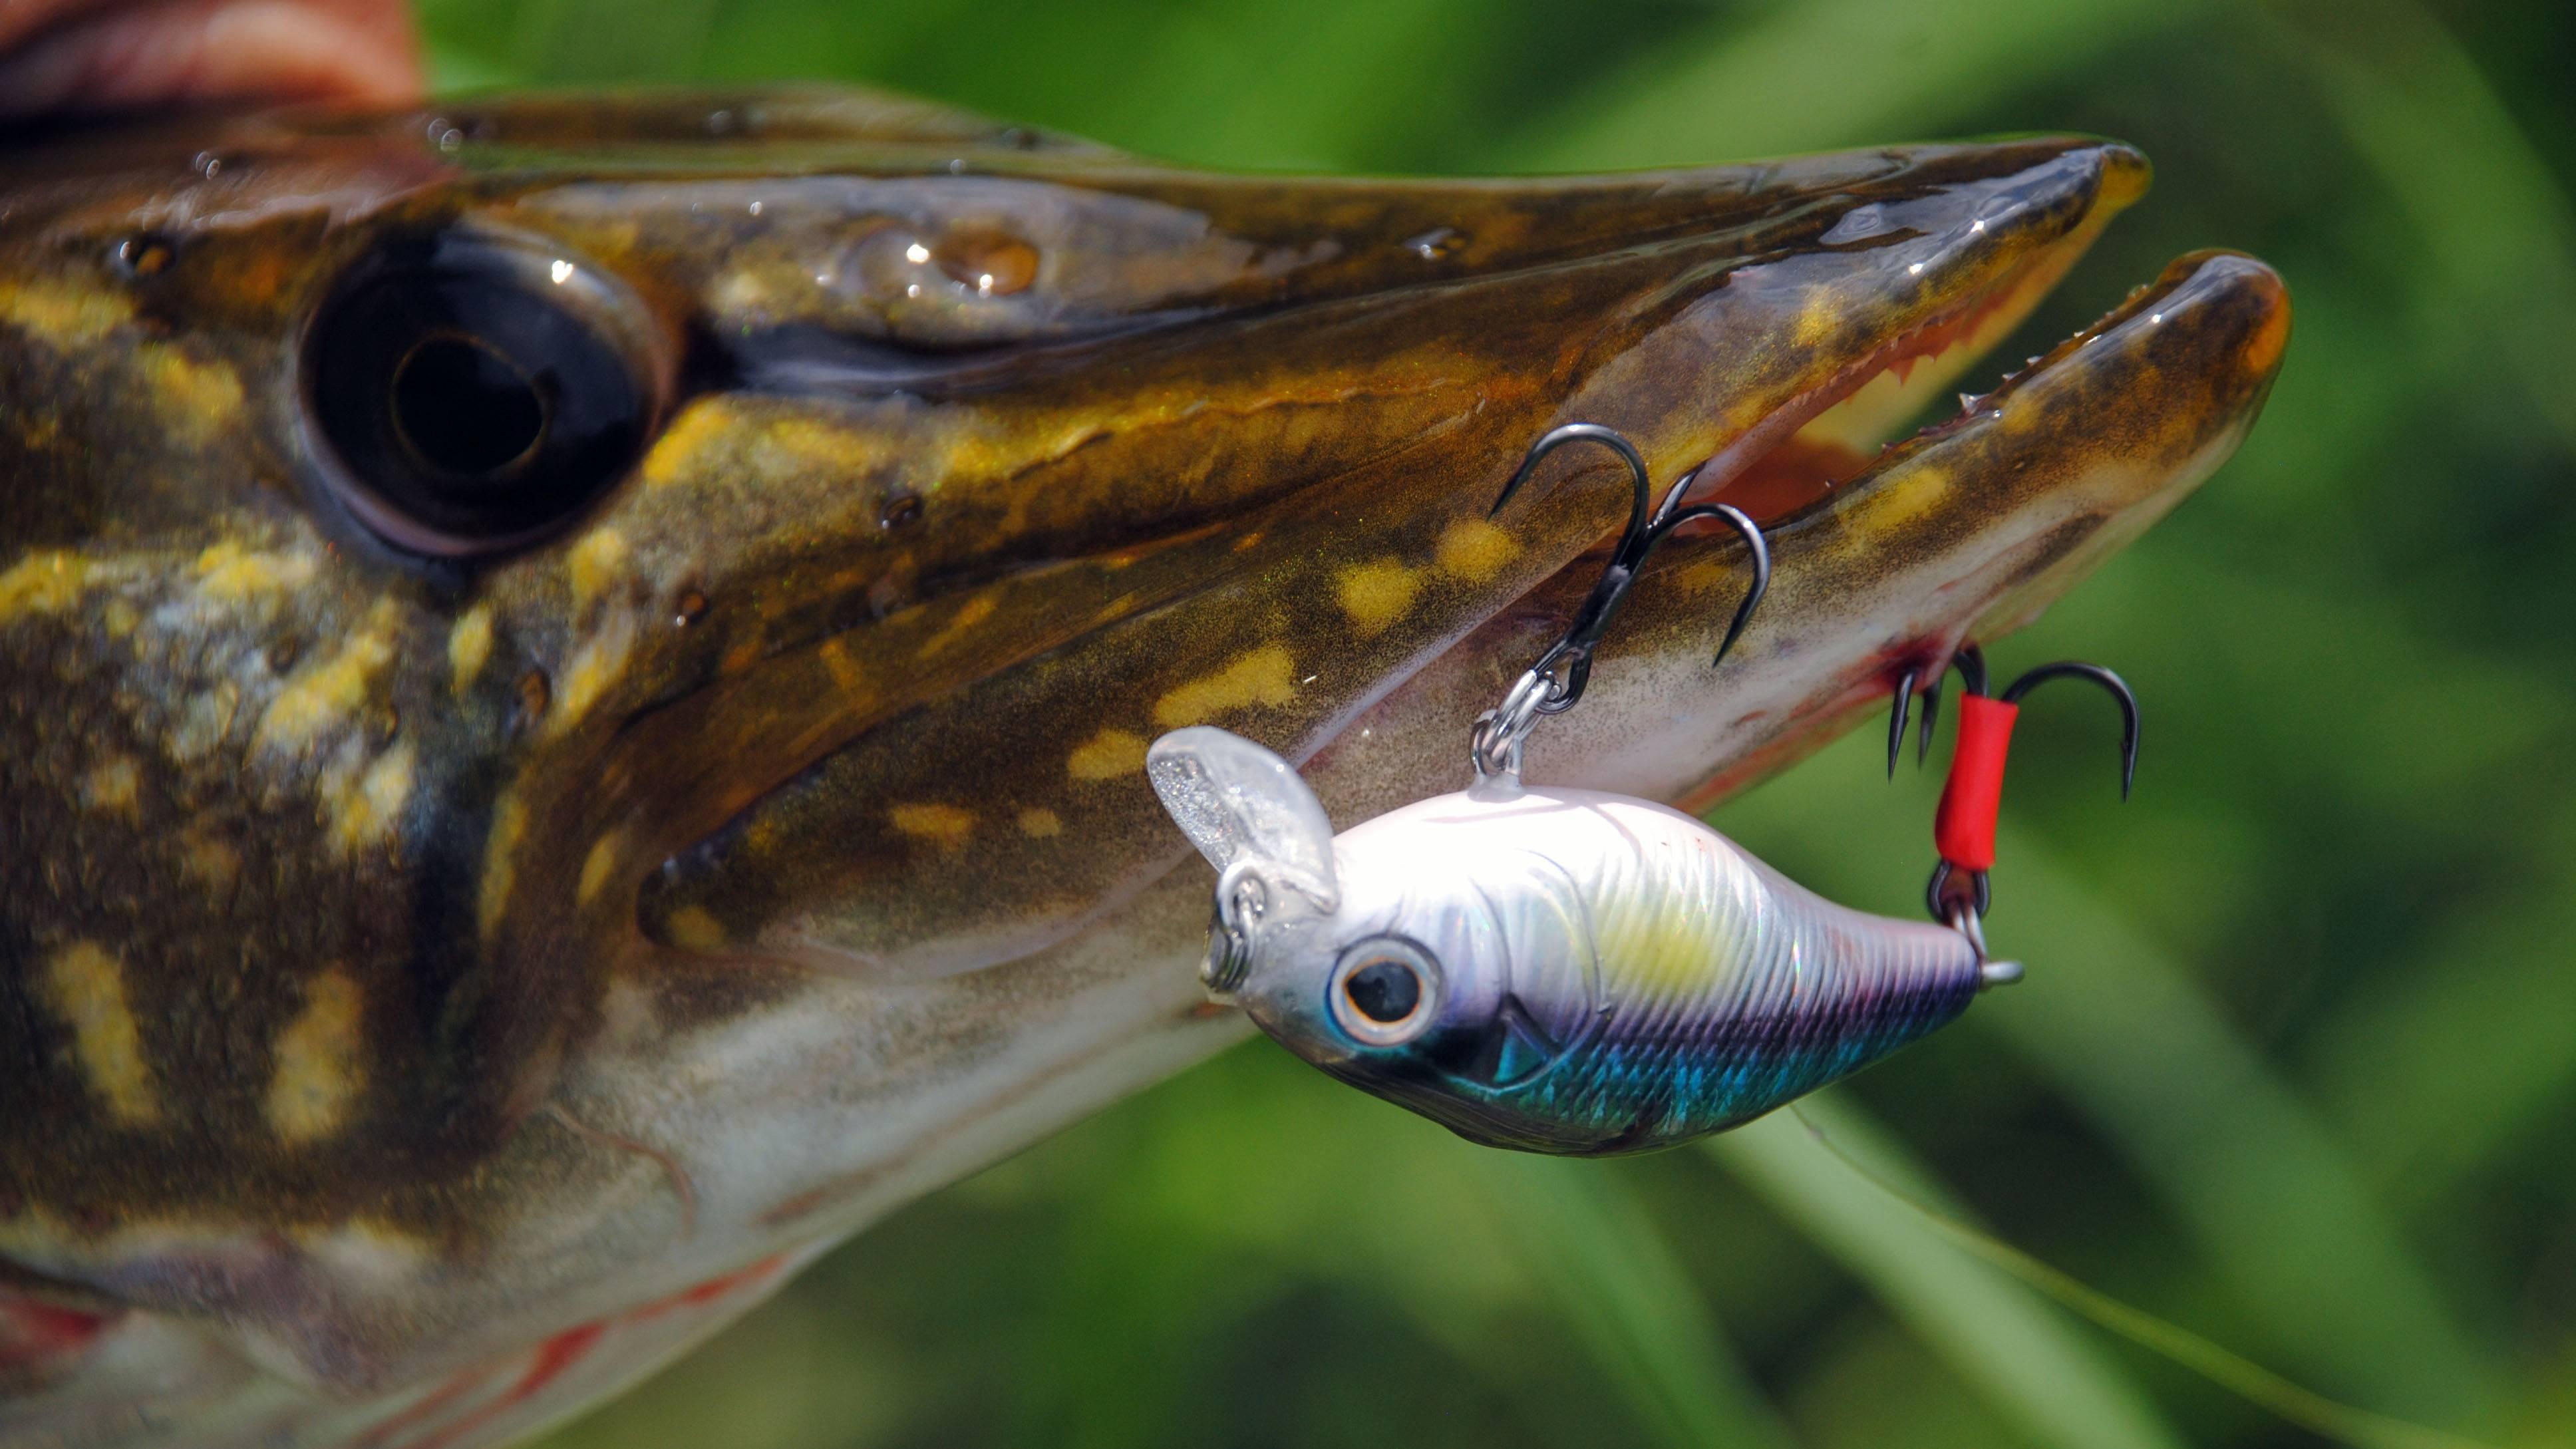 Ратлины на щуку: топ 10 ратлингов для зимней и летней рыбалки, ловля щуки на вибы зимой и летом